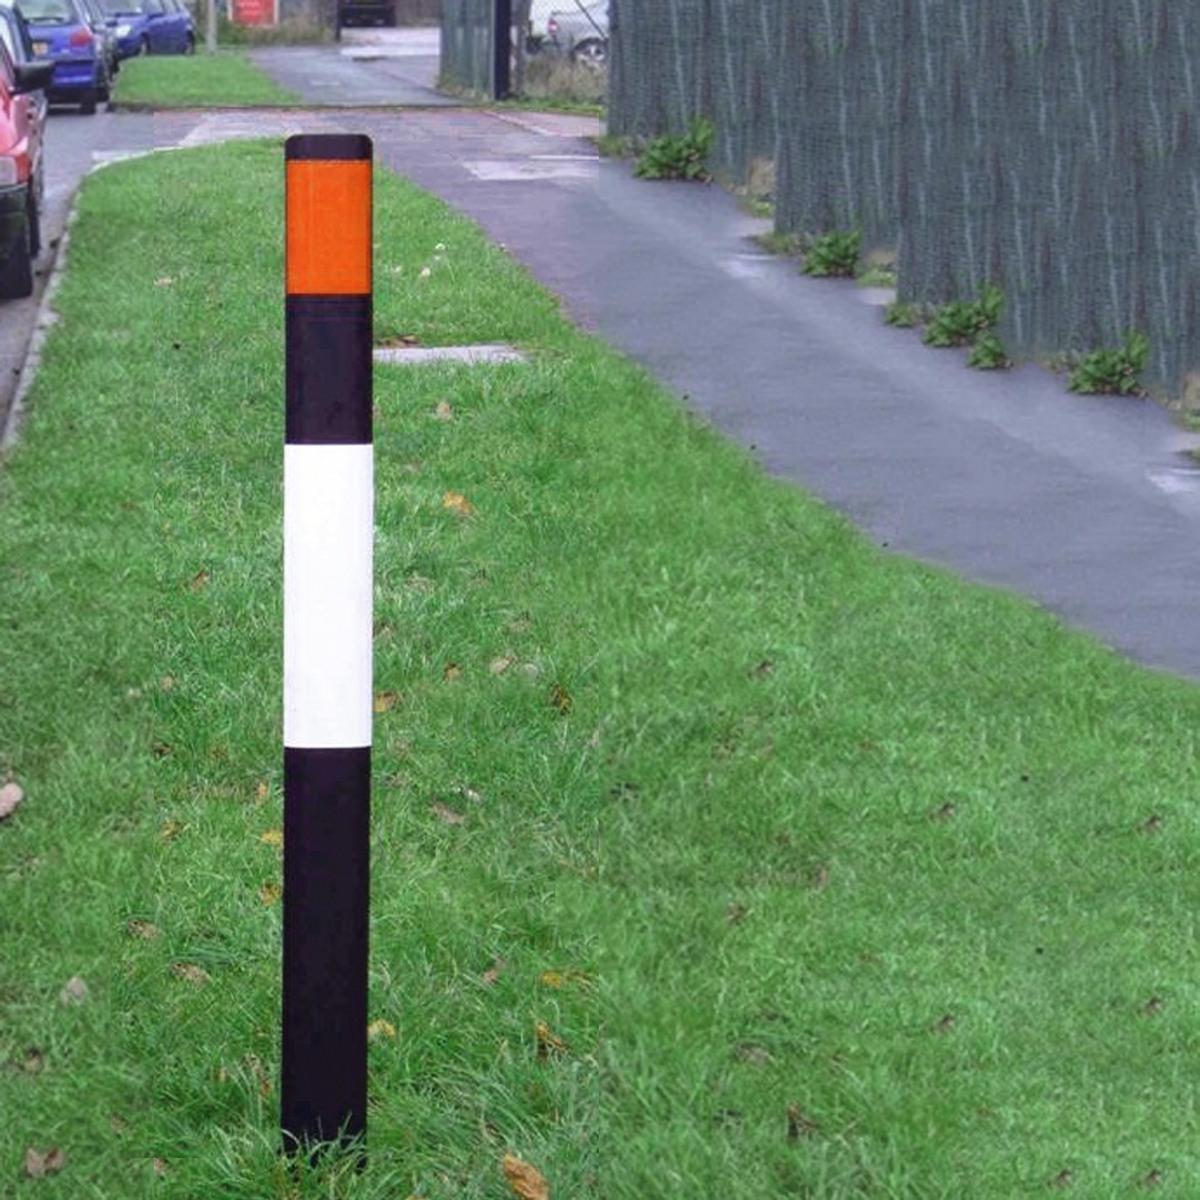 Verge-marker-post